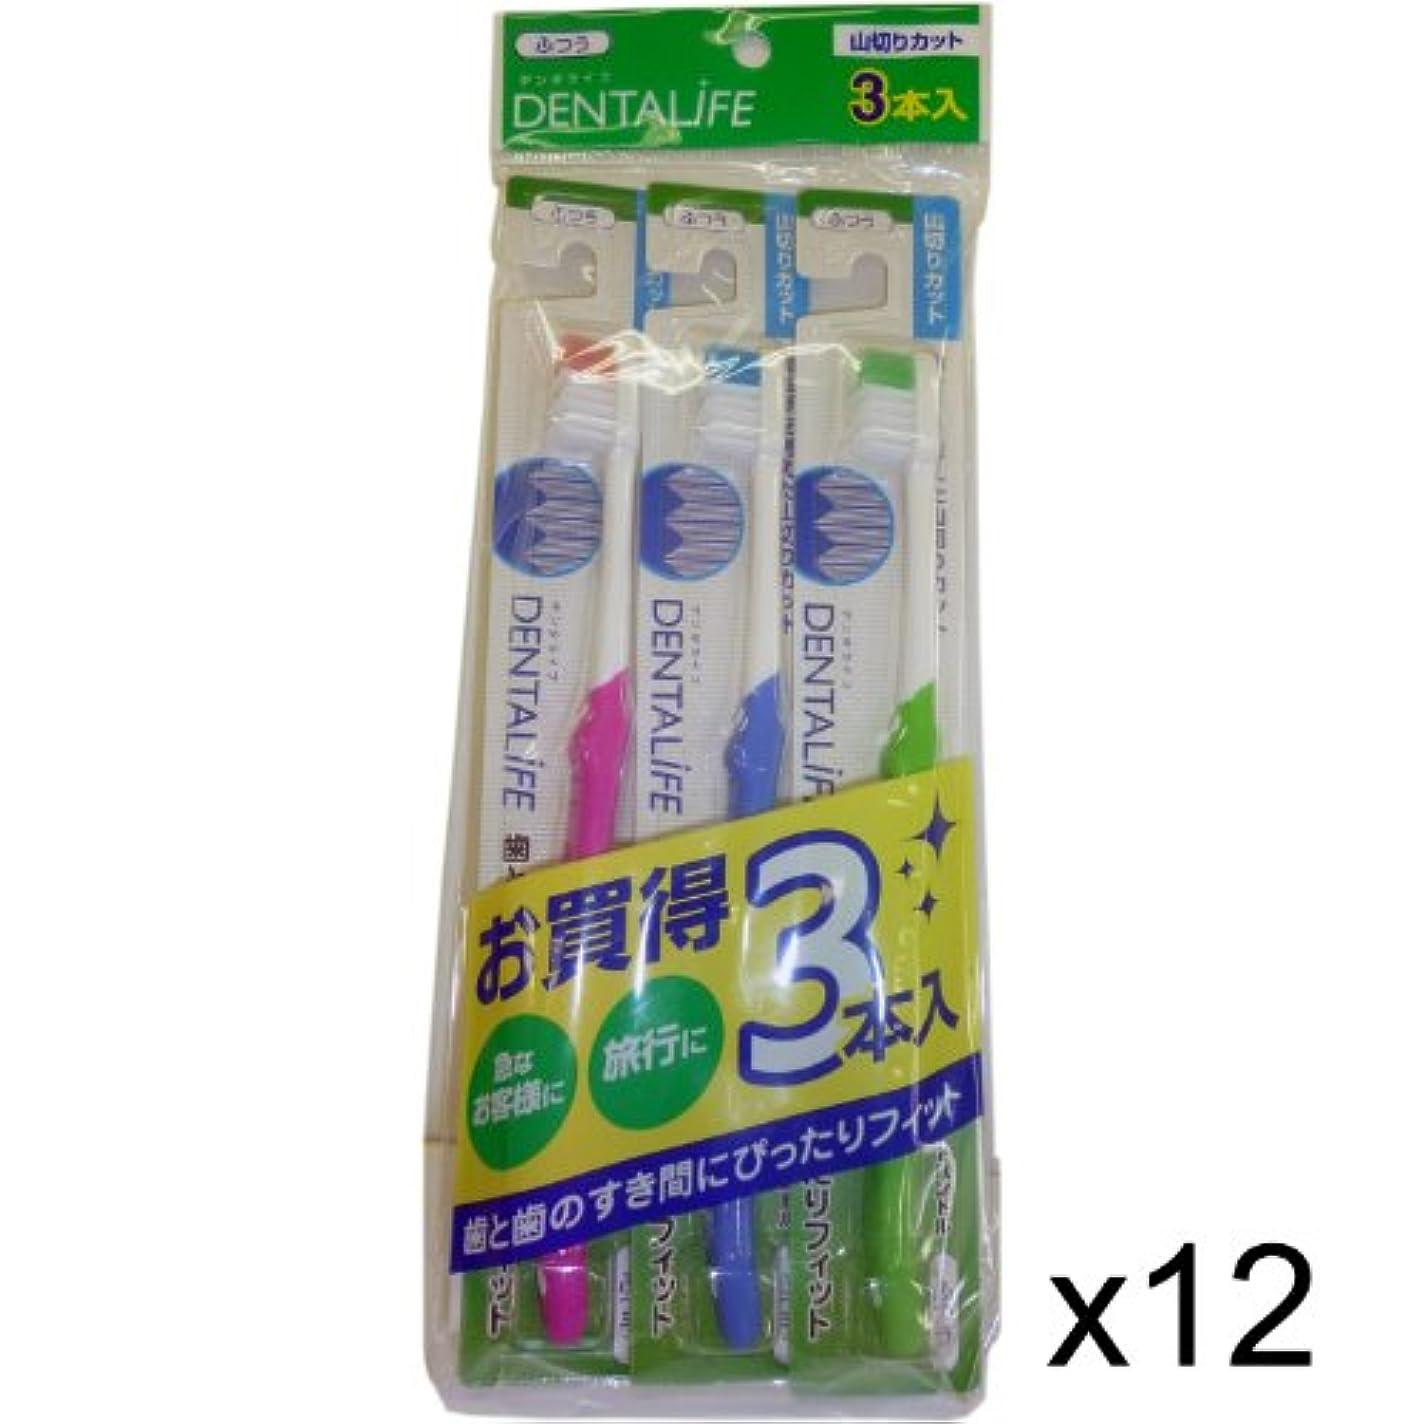 スペシャリスト実質的に終わったお徳用 DELTALIFE(デンタライフ)山切り歯ブラシ ふつう 3P×12ヶセット(36本)